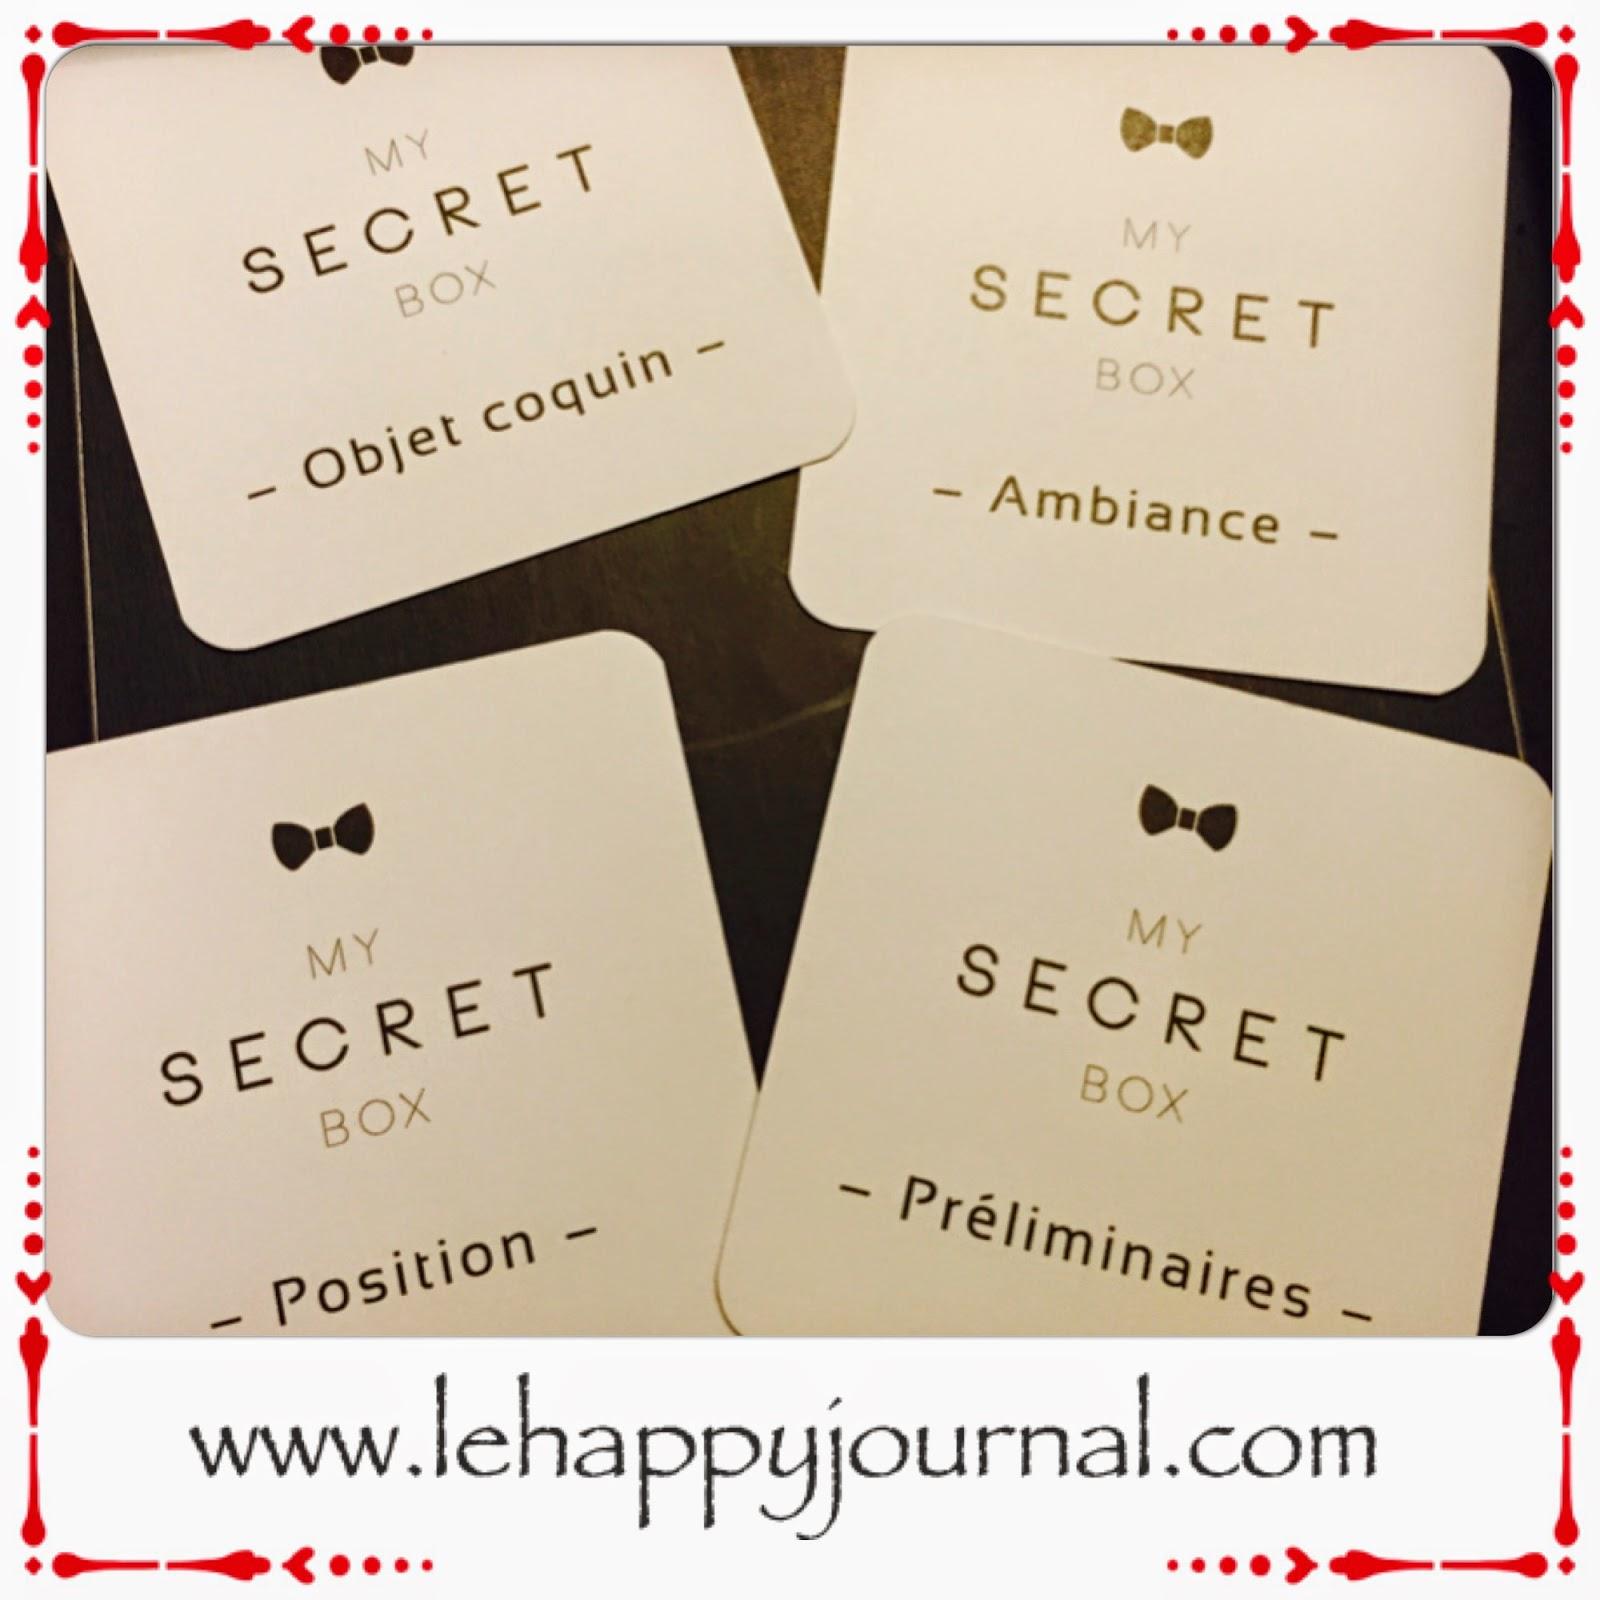 box, coquine, coffret, couple, heureux, sexe, partenaire, happy journal